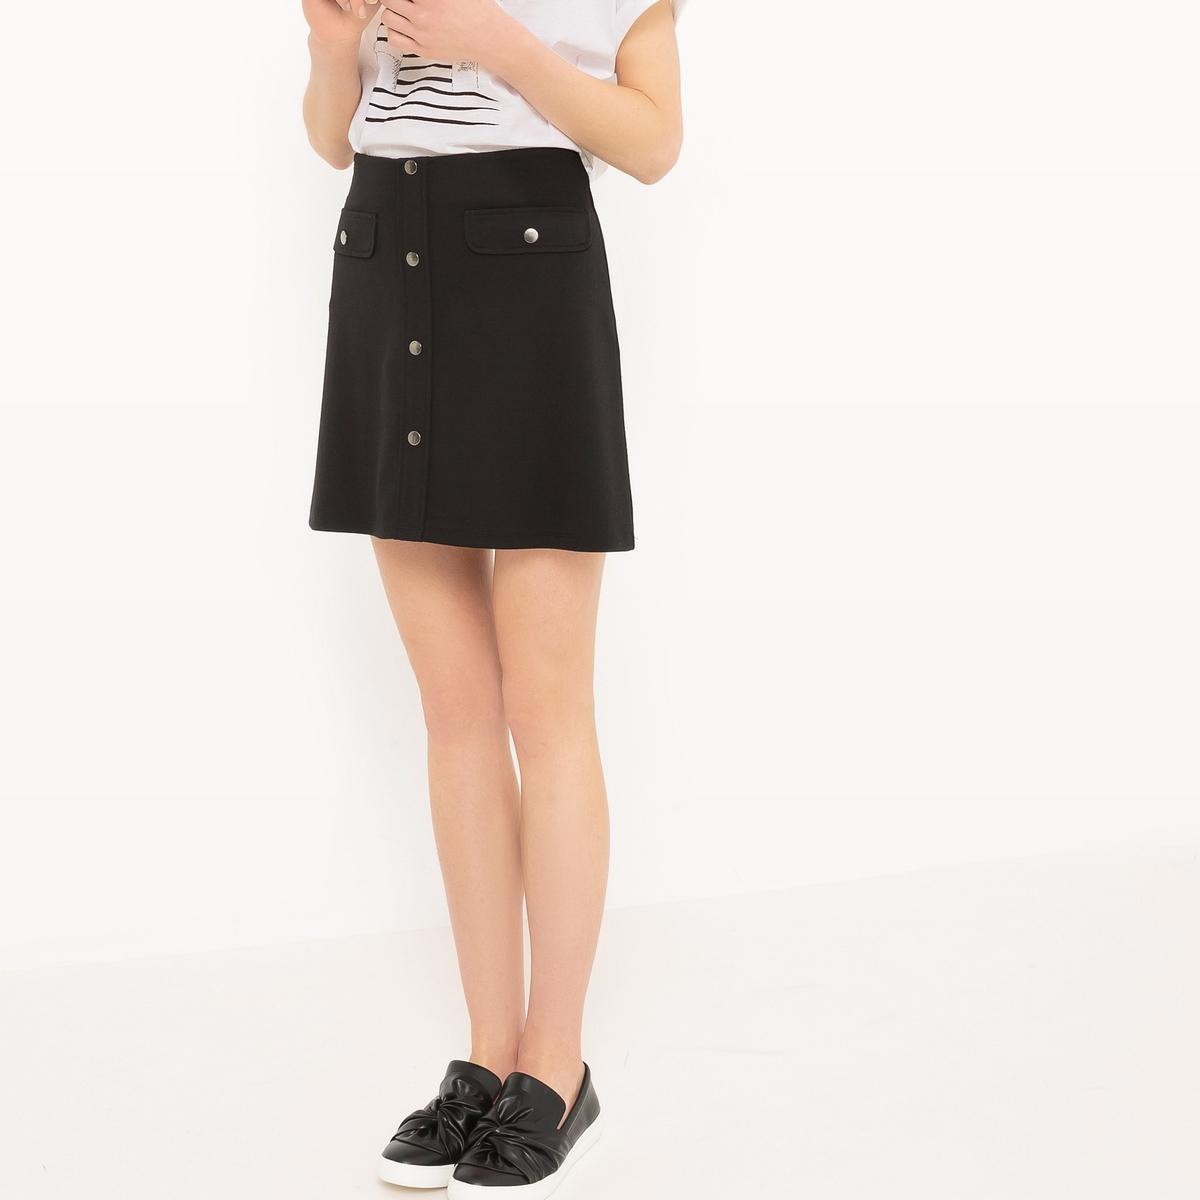 Юбка с застежкой на кнопкиМатериал : 30% вискозы, 5% эластана, 65% полиэстера   Рисунок : однотонная модель  Длина юбки : короткая<br><br>Цвет: черный<br>Размер: M